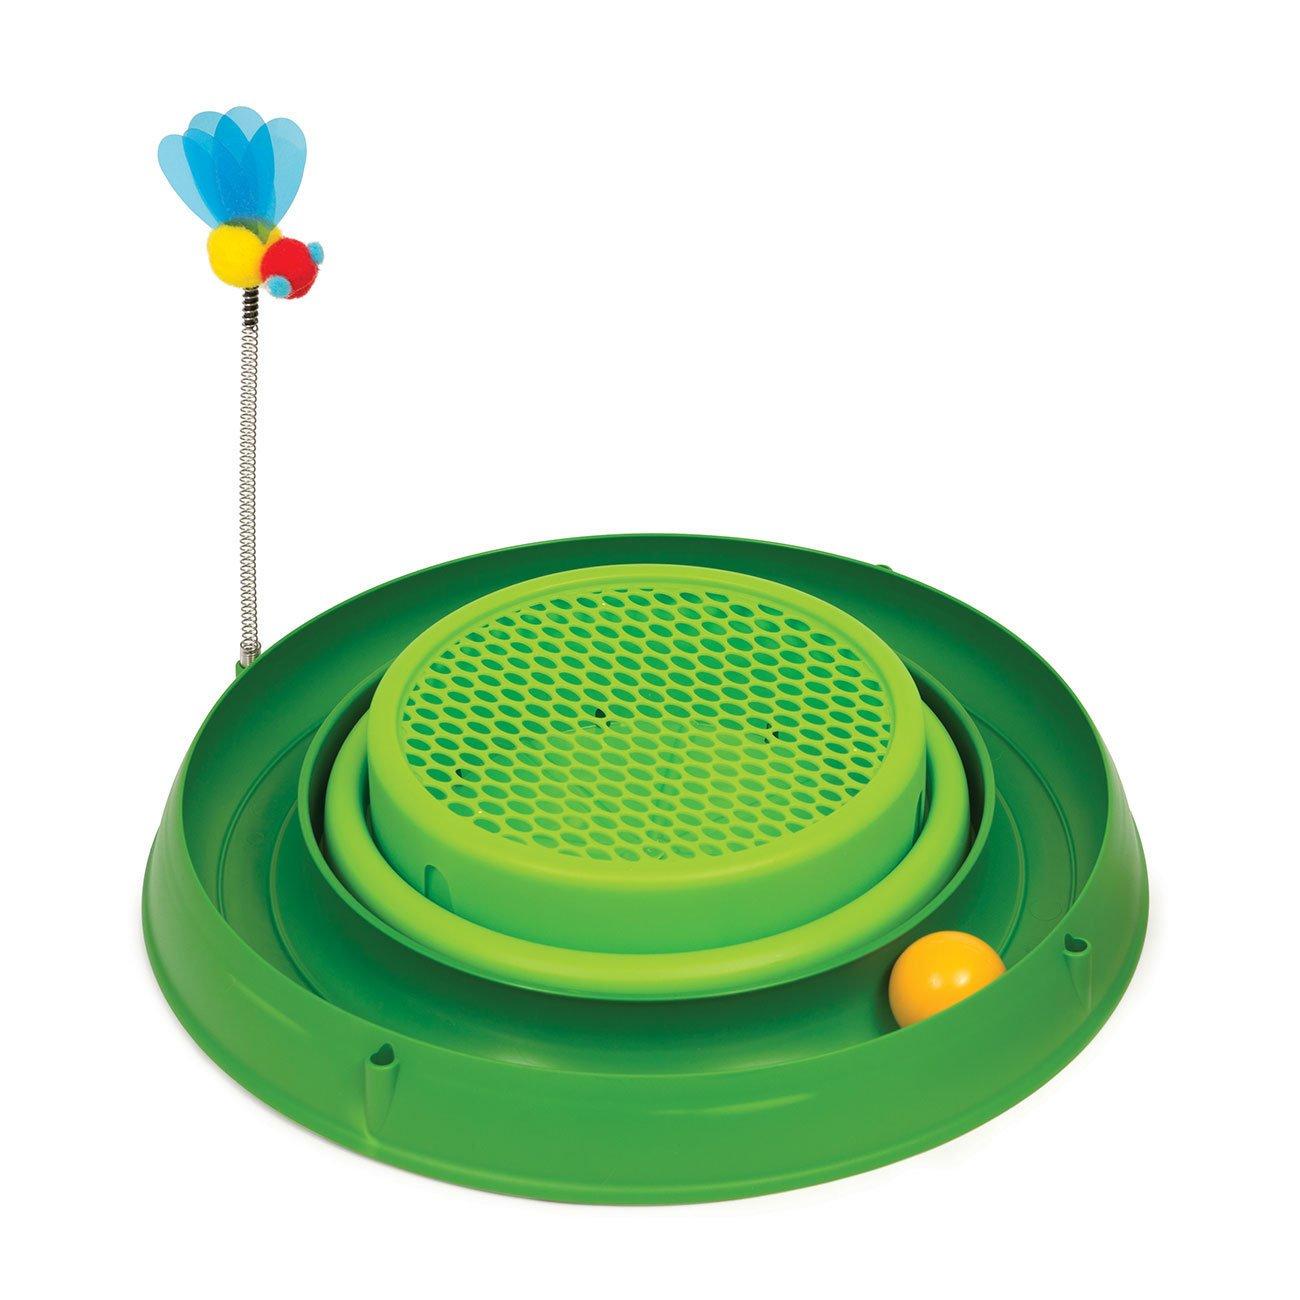 Catit Play-n-Scratch mit Biene 3in1 Bild 6